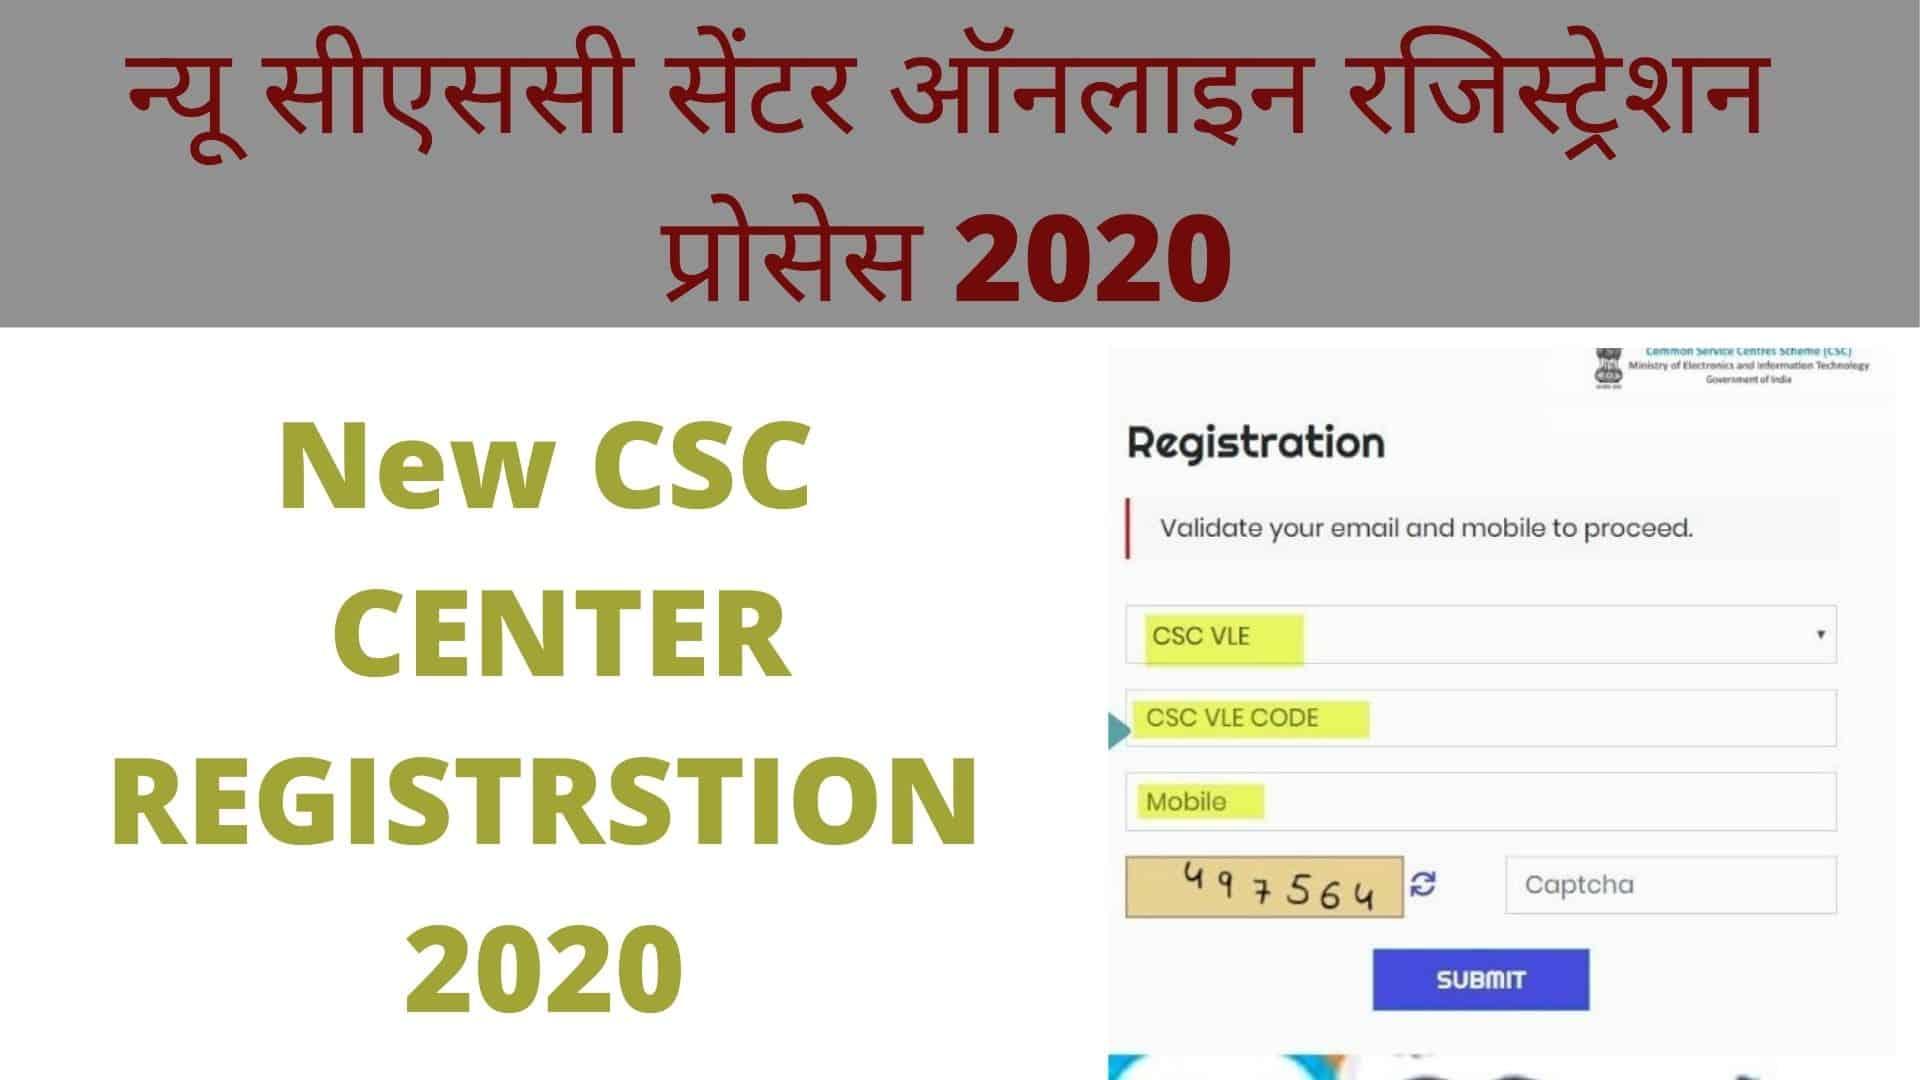 न्यू सीएससी सेंटर ऑनलाइन रजिस्ट्रेशन प्रोसेस 2020